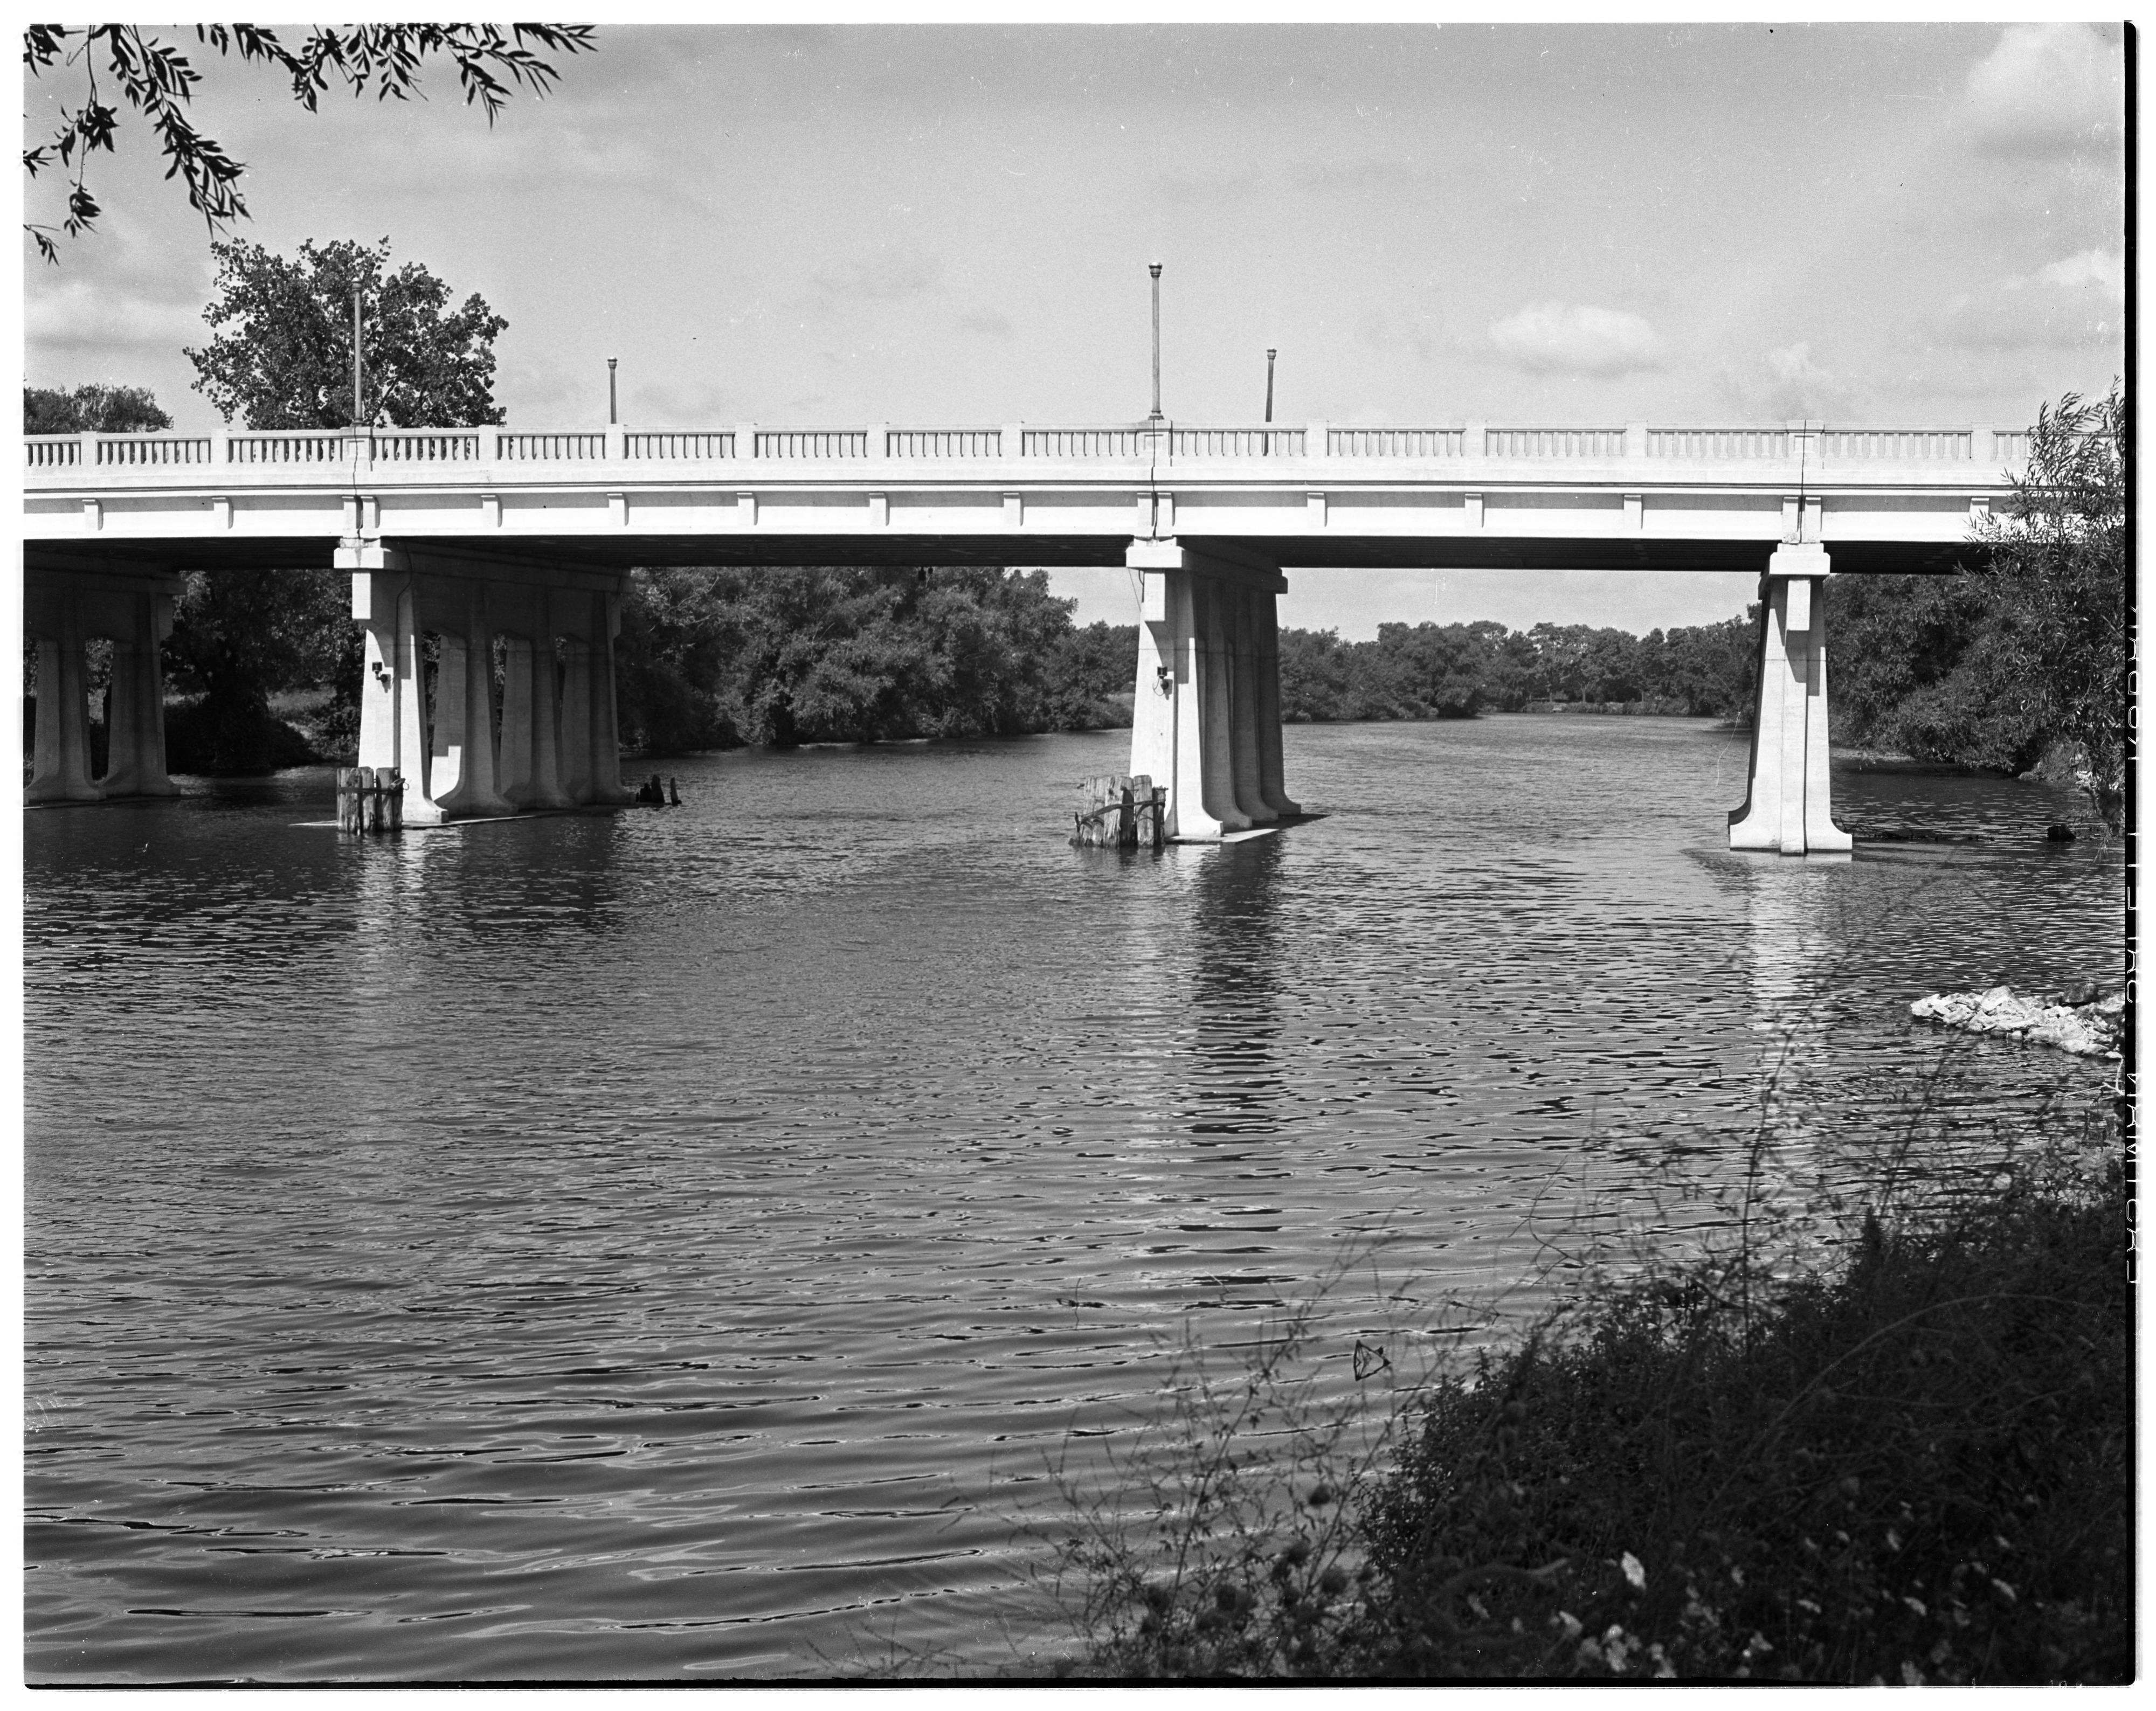 Clinton River and St Clair Shores, Bridge | Ann Arbor